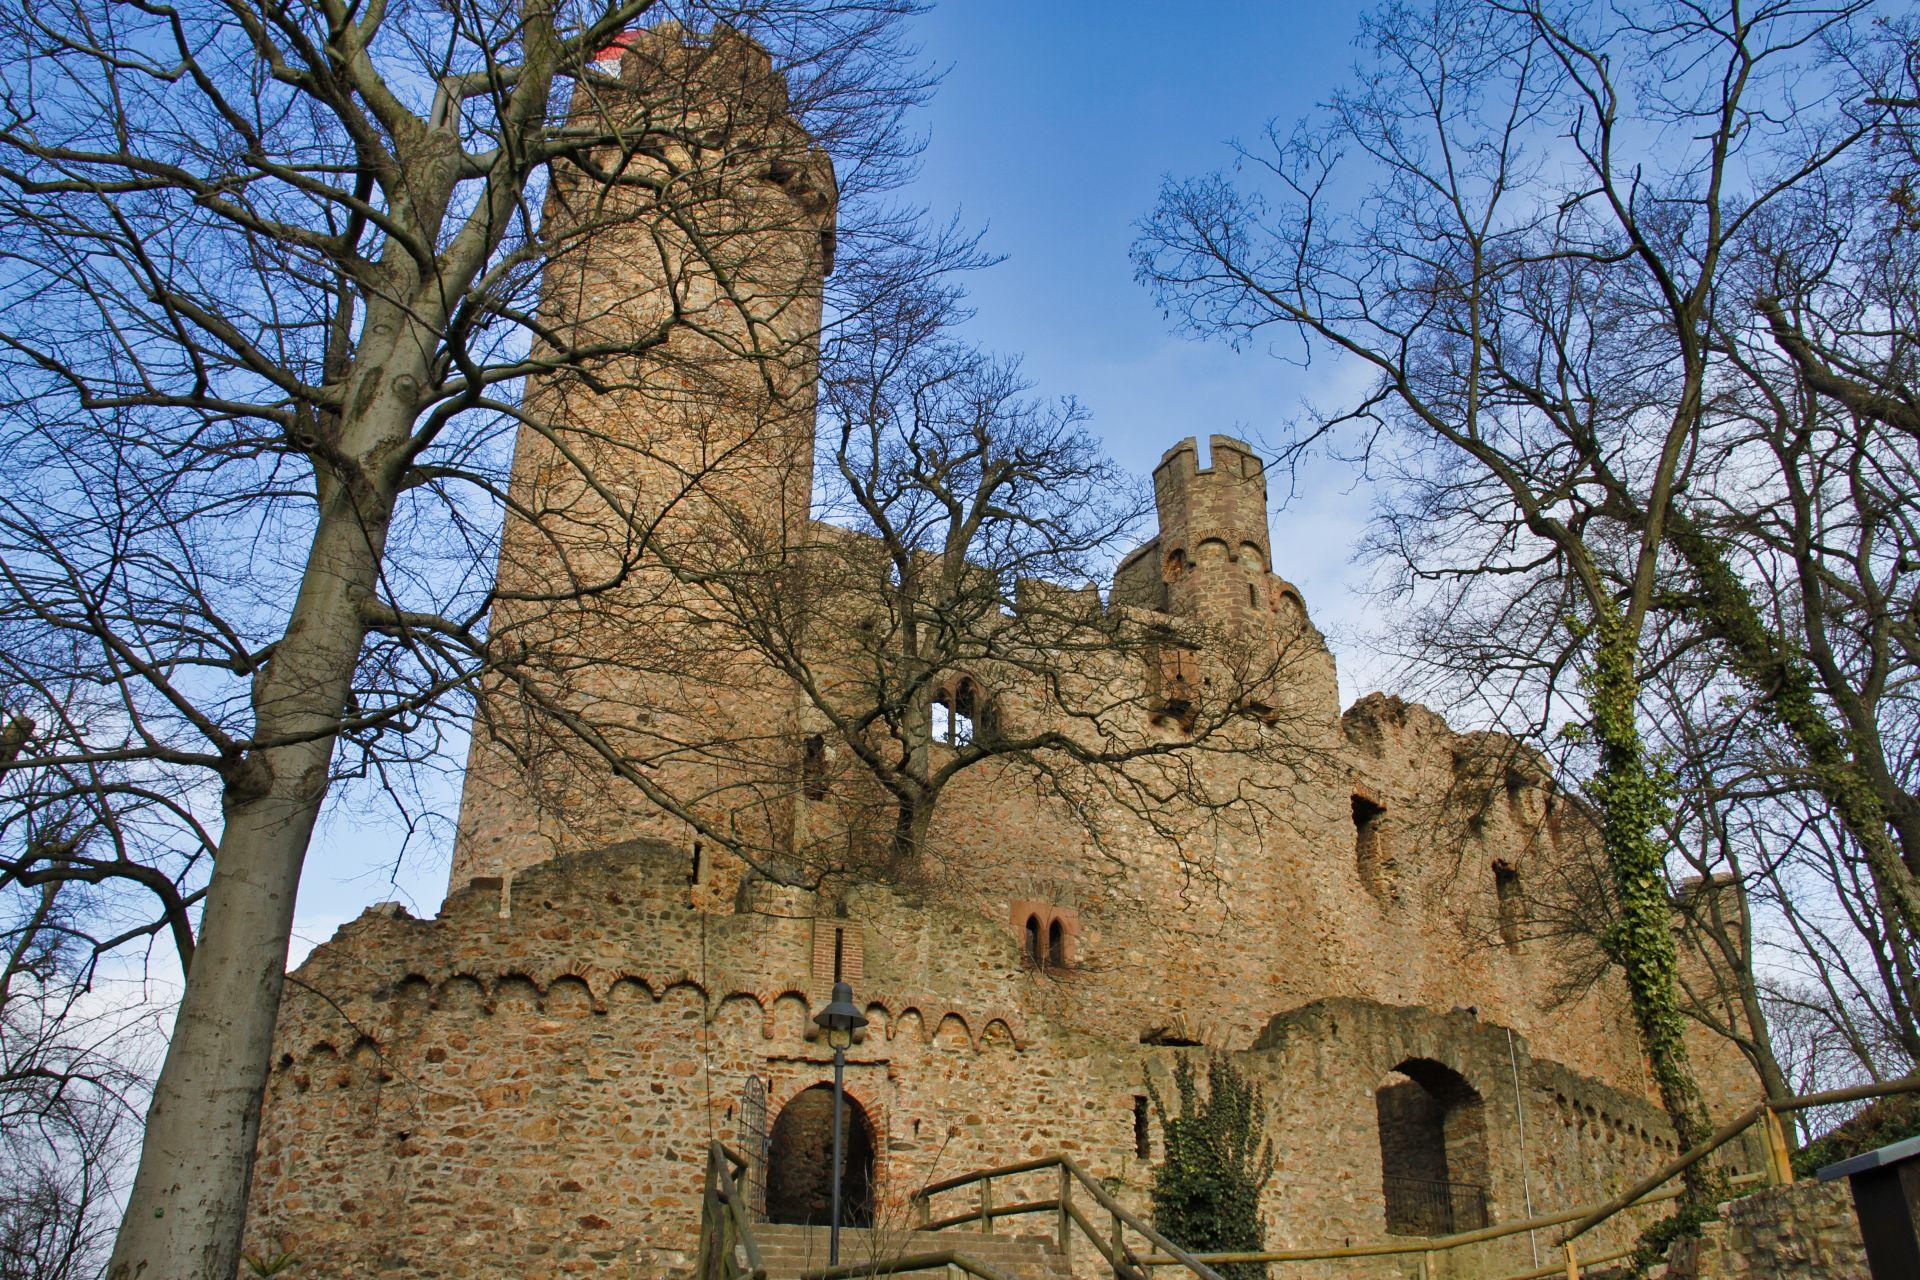 Gesamtanlage. links das wohl ursprüngliche Burgtor mit Wehrerker und Zugbrückennut, rechts das später eingefügte Tor (zu erkennen der Bruch am Rundbogenfries), dahinter das Tor zum Burghof, ebenfalls mit Wehrerker und Tourelle.